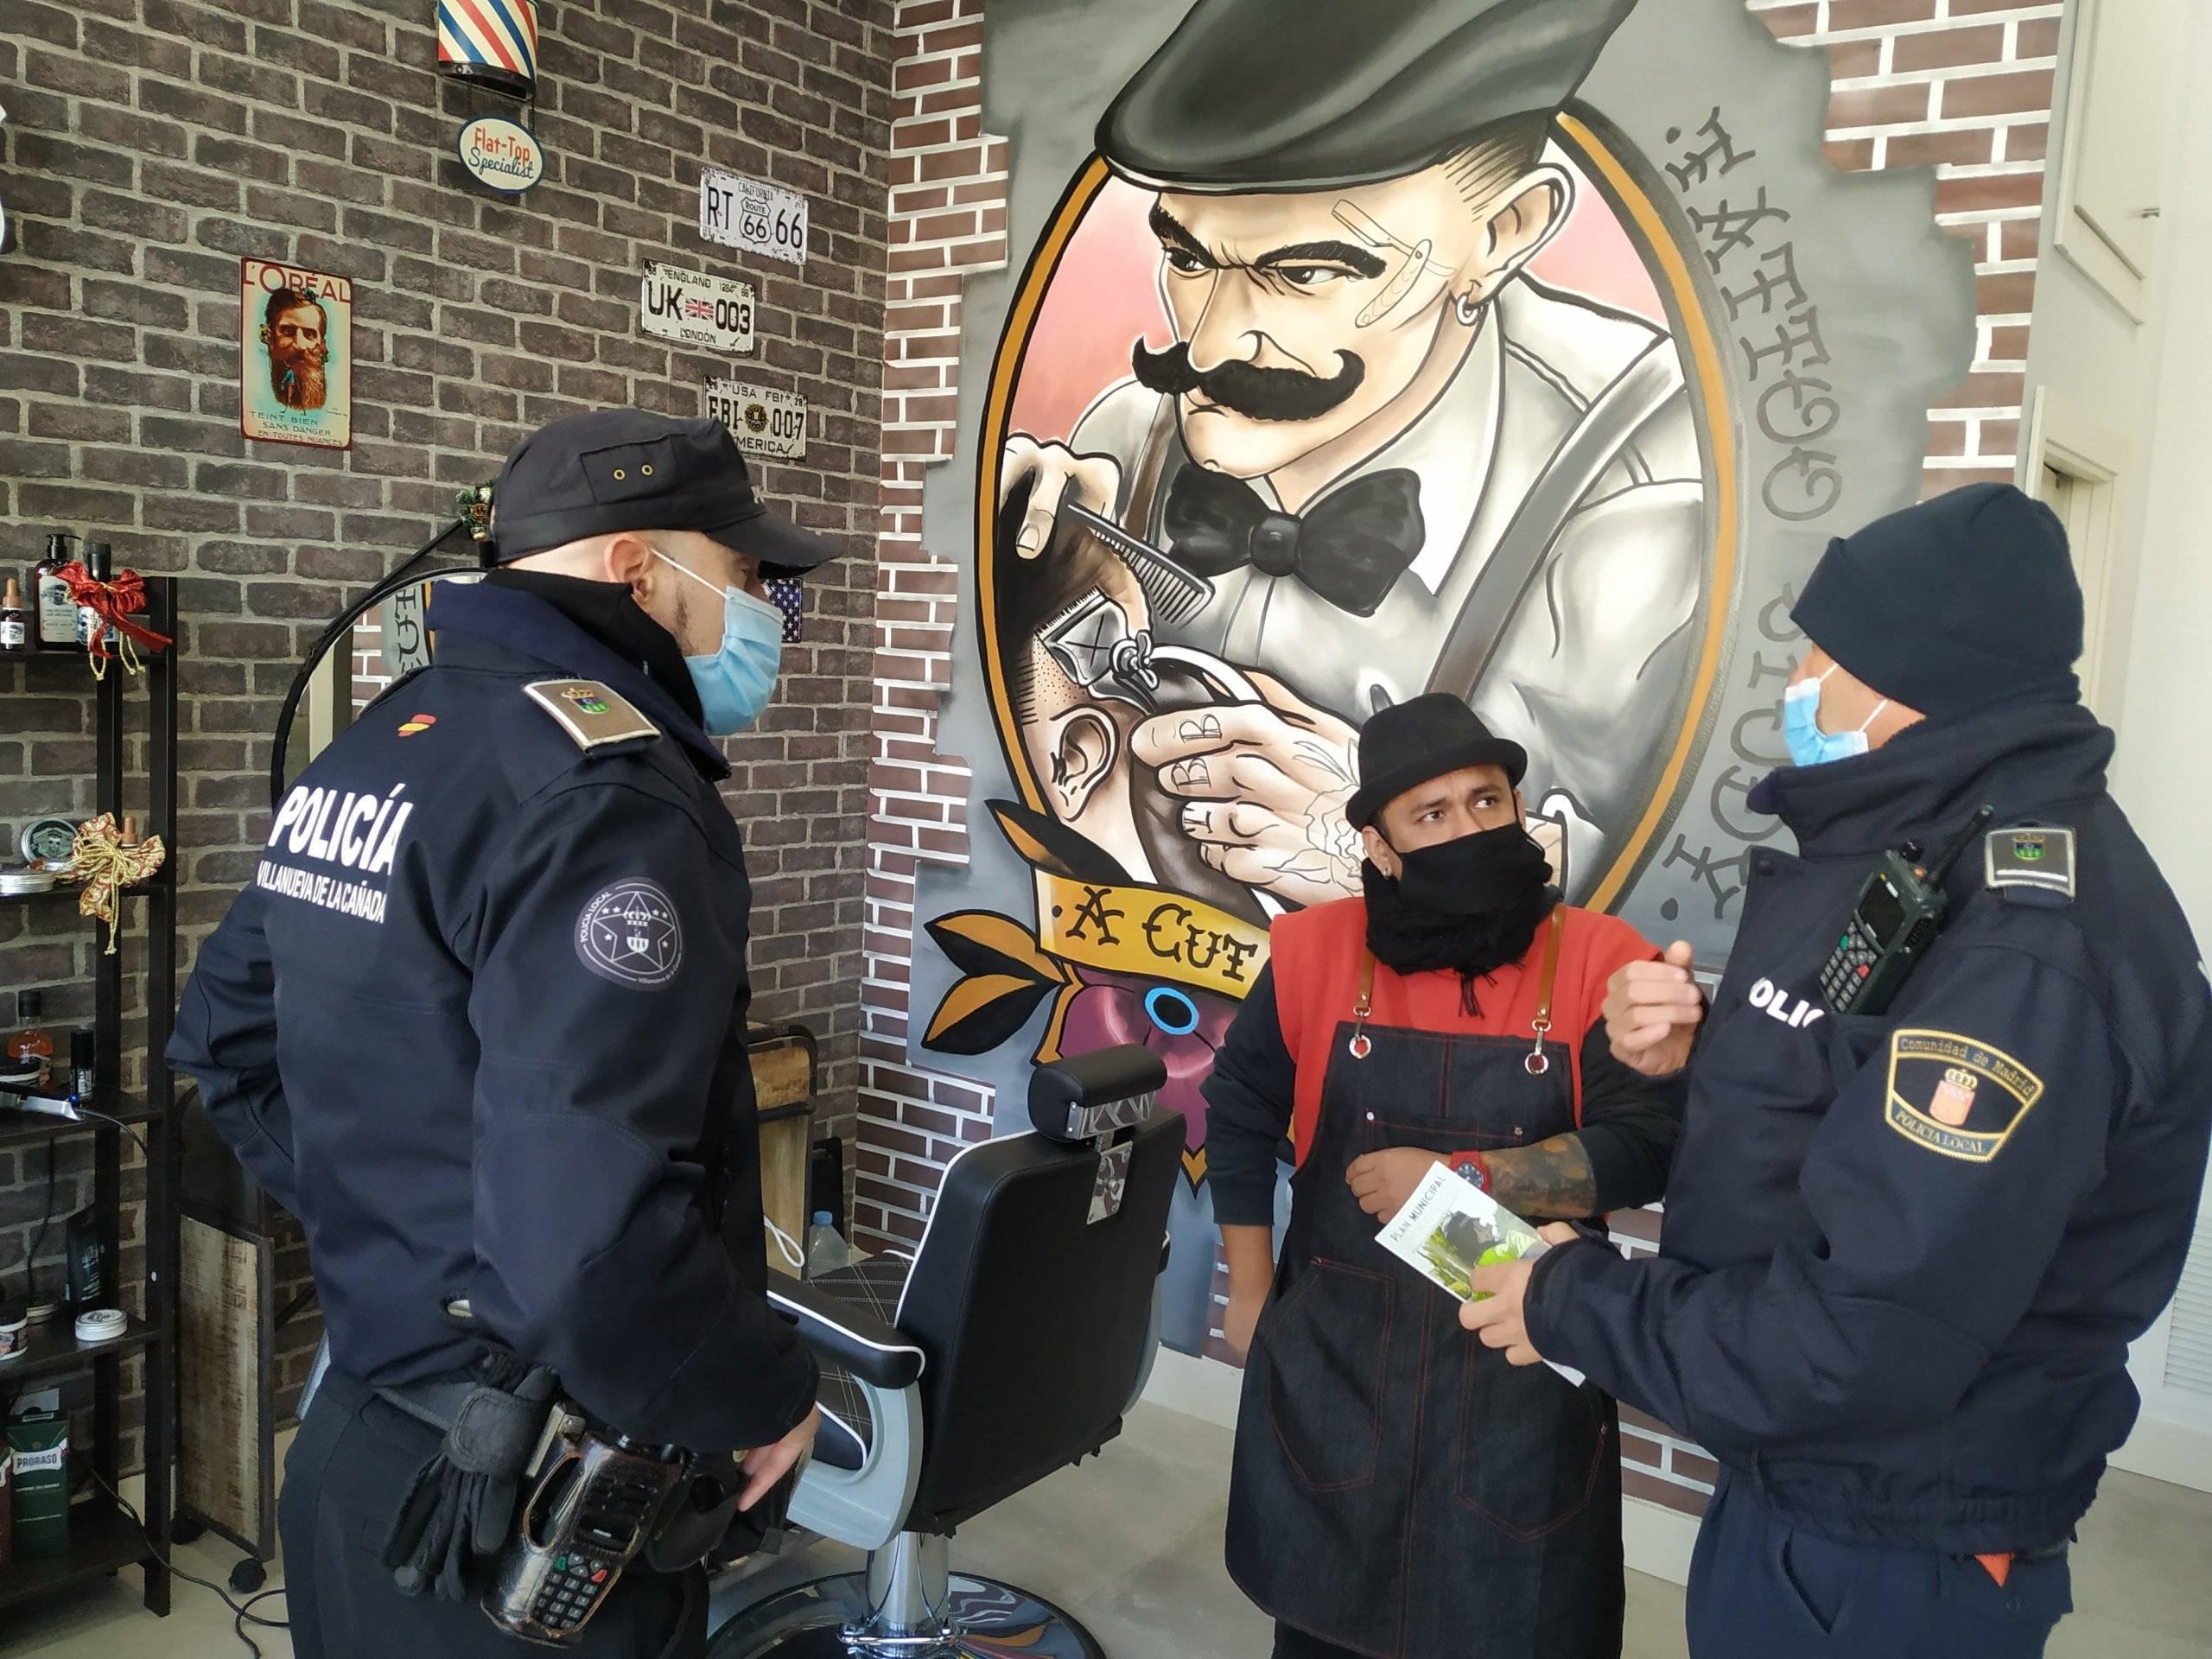 Los agentes informando sobre la campaña en uno de los comercios.